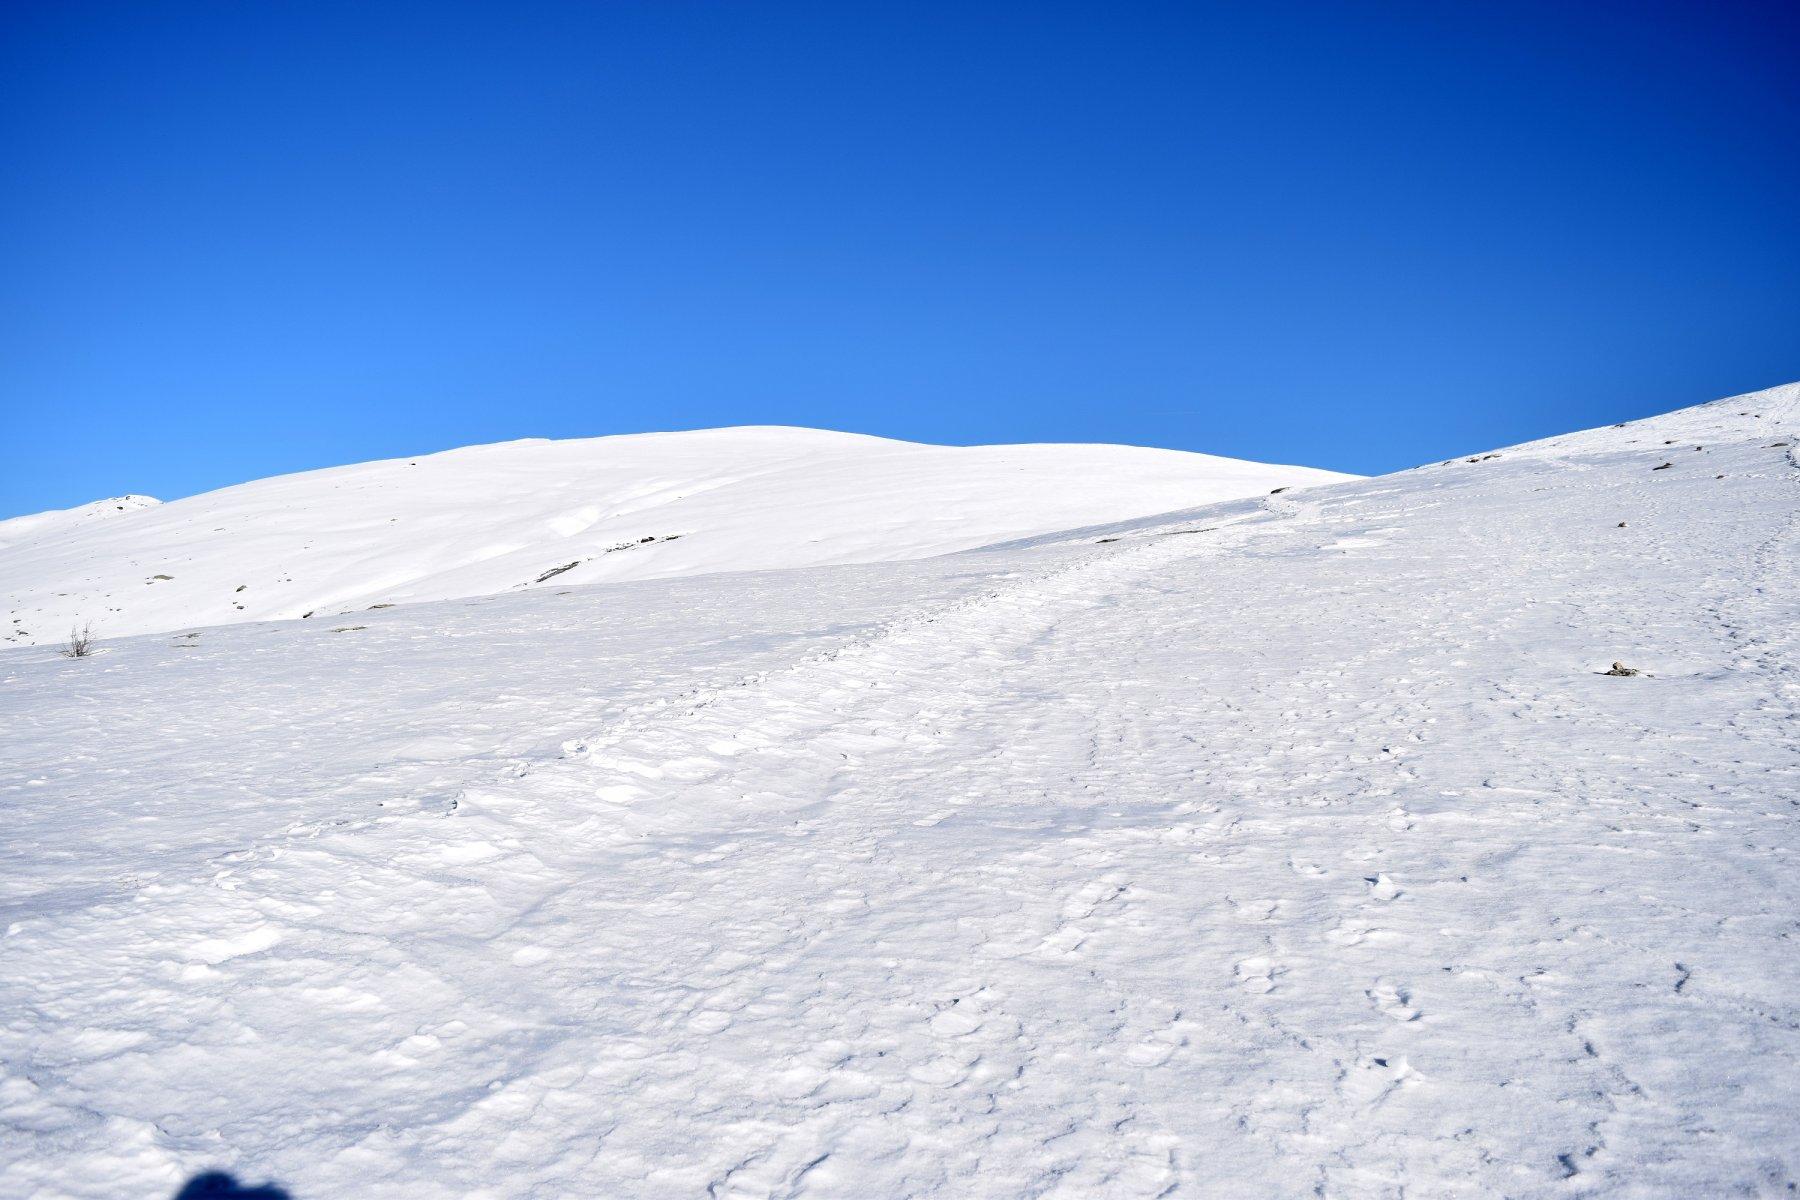 In salita su neve portate ghiacciata